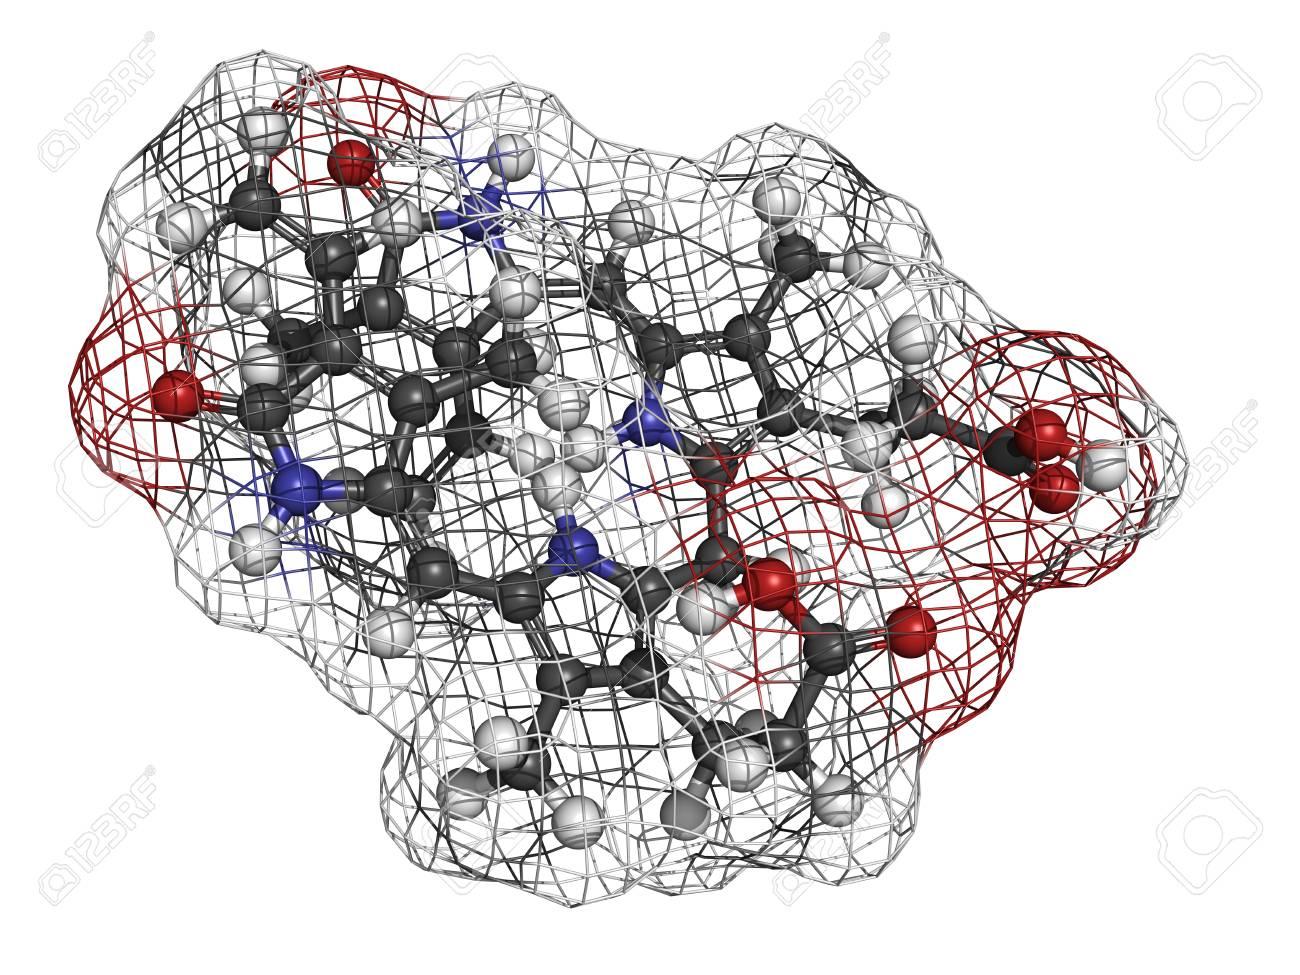 La Bilirrubina Heme Producto De Degradación El Modelo Molecular Los átomos Se Representan Como Esferas Con Codificación De Colores Convencionales